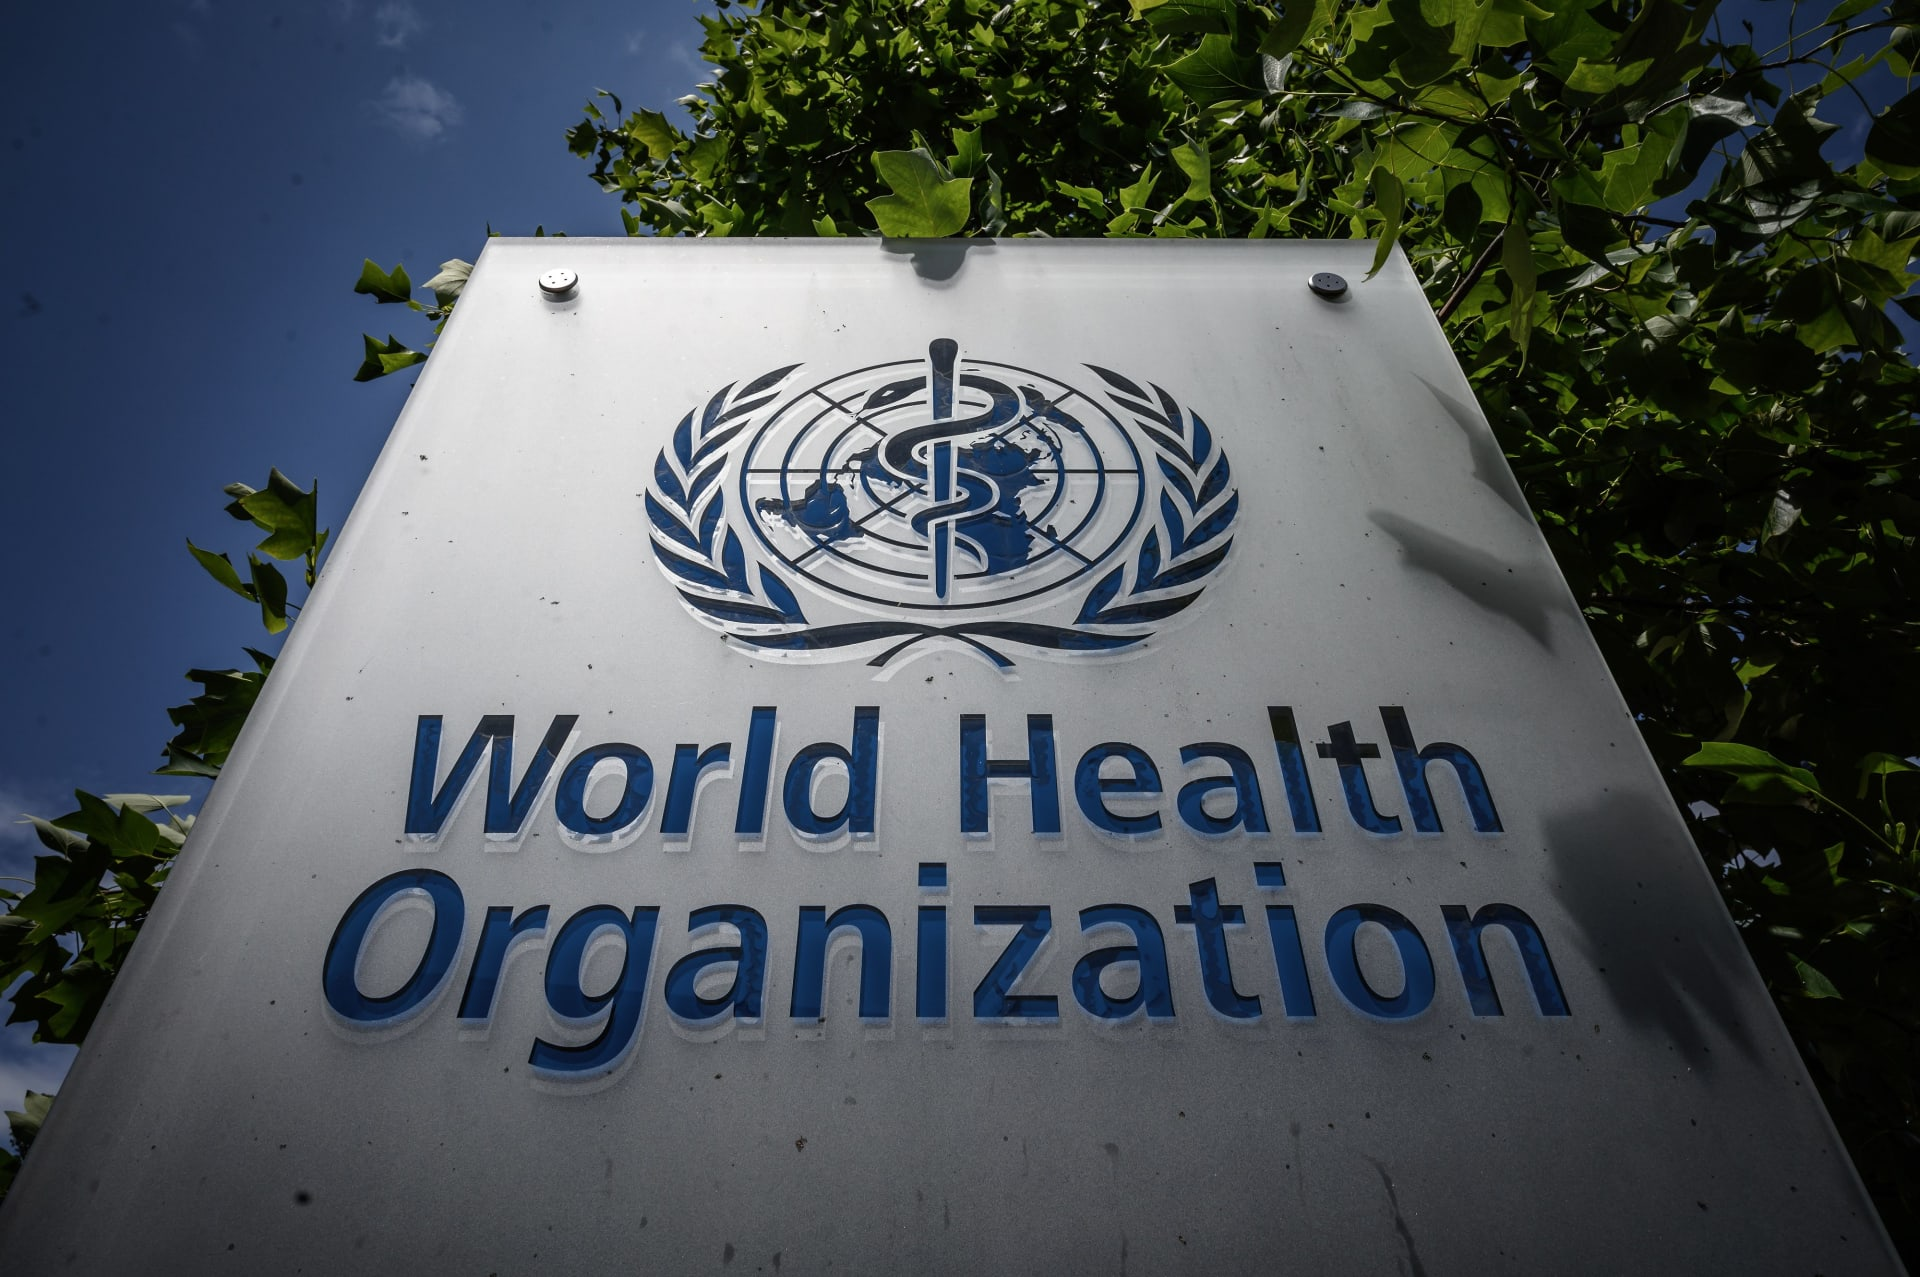 الصحة العالمية تُحذر الدول من الدهون المُتحولة وسط جائحة كورونا